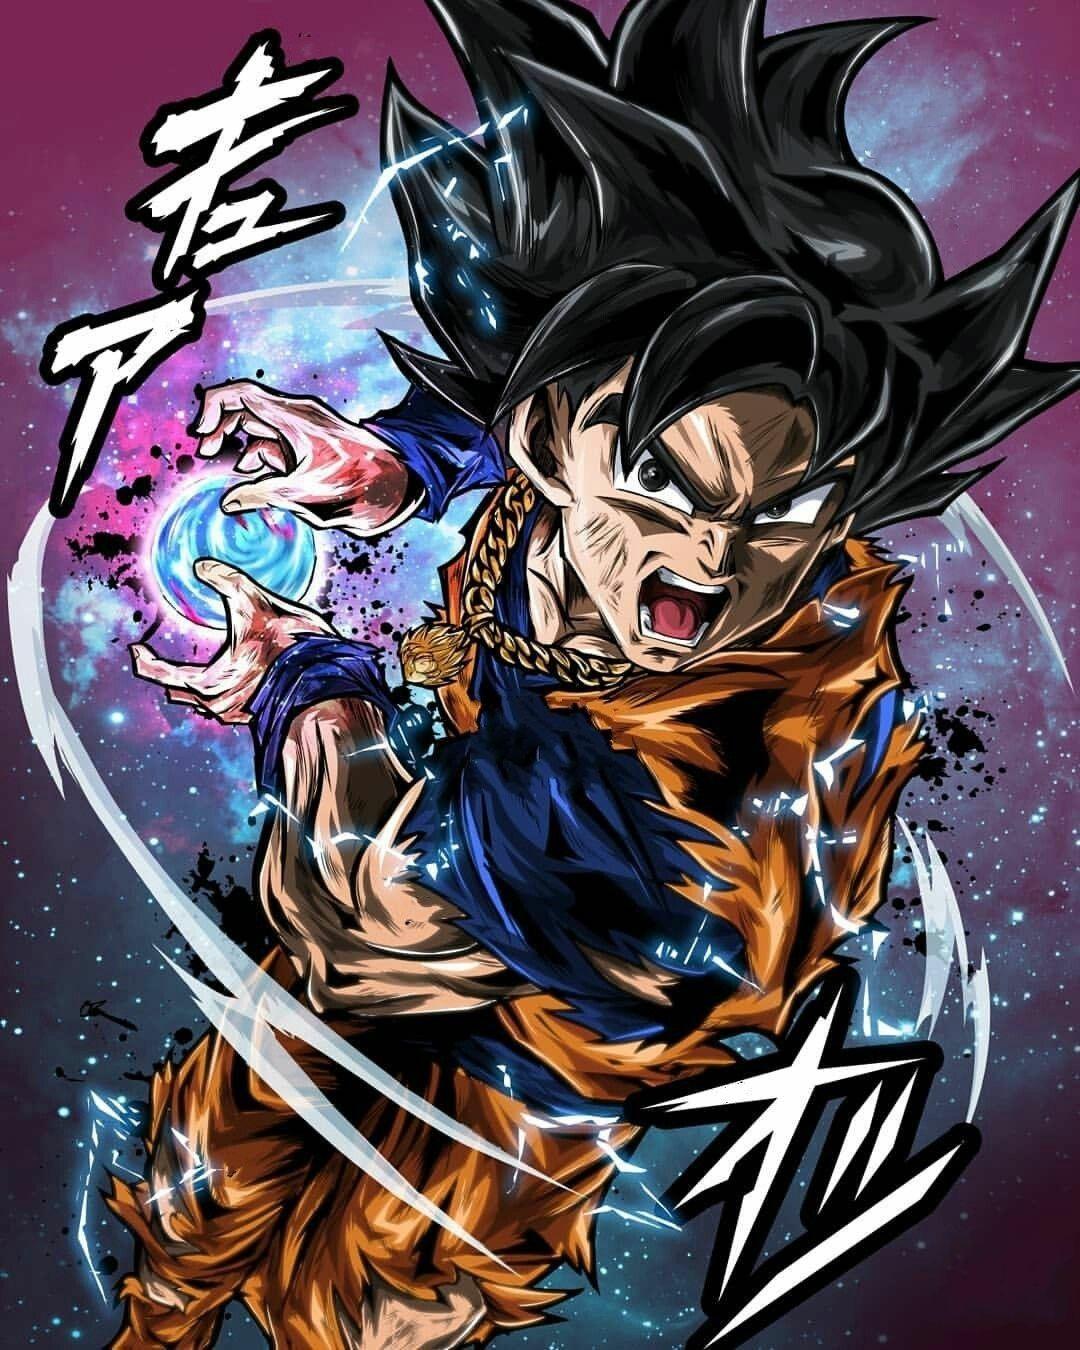 Iphone X Xr Xs 6 7 8 Plus Soft Tpu Case Cover Goku Anime Dragon Ball Super Dragon Ball Super Goku Dragon Ball